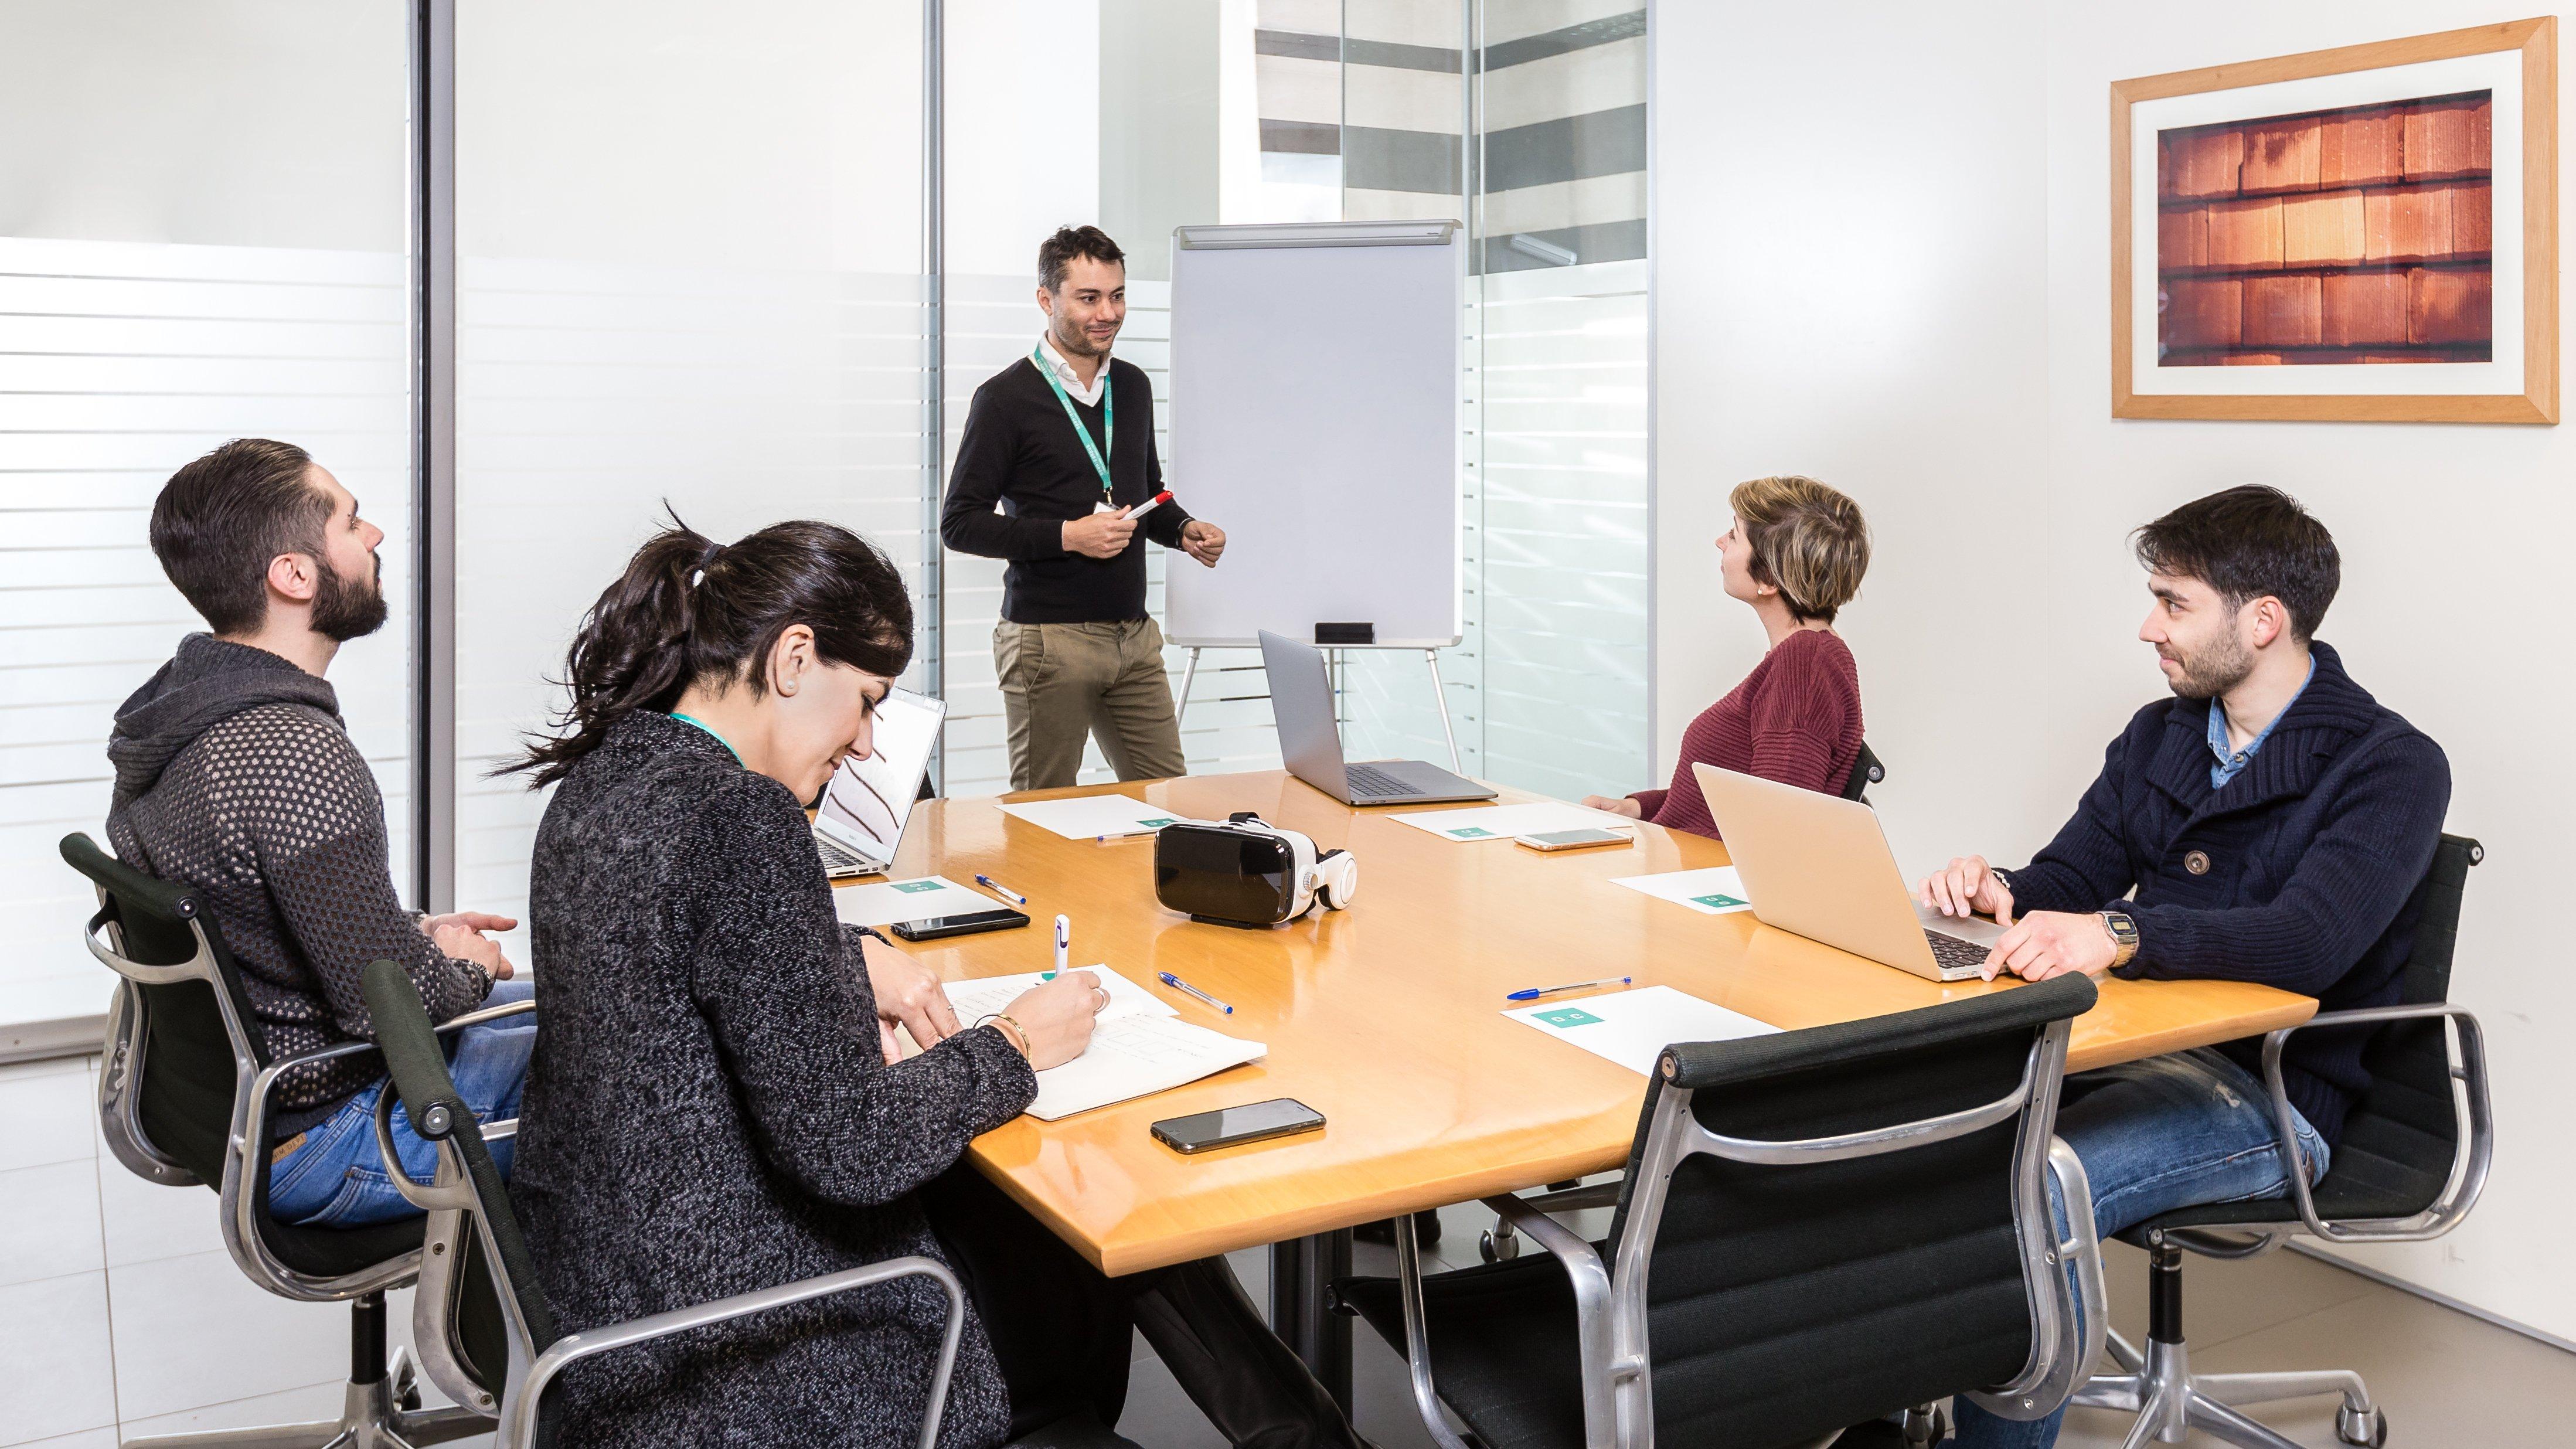 L'importanza di lavorare in gruppo